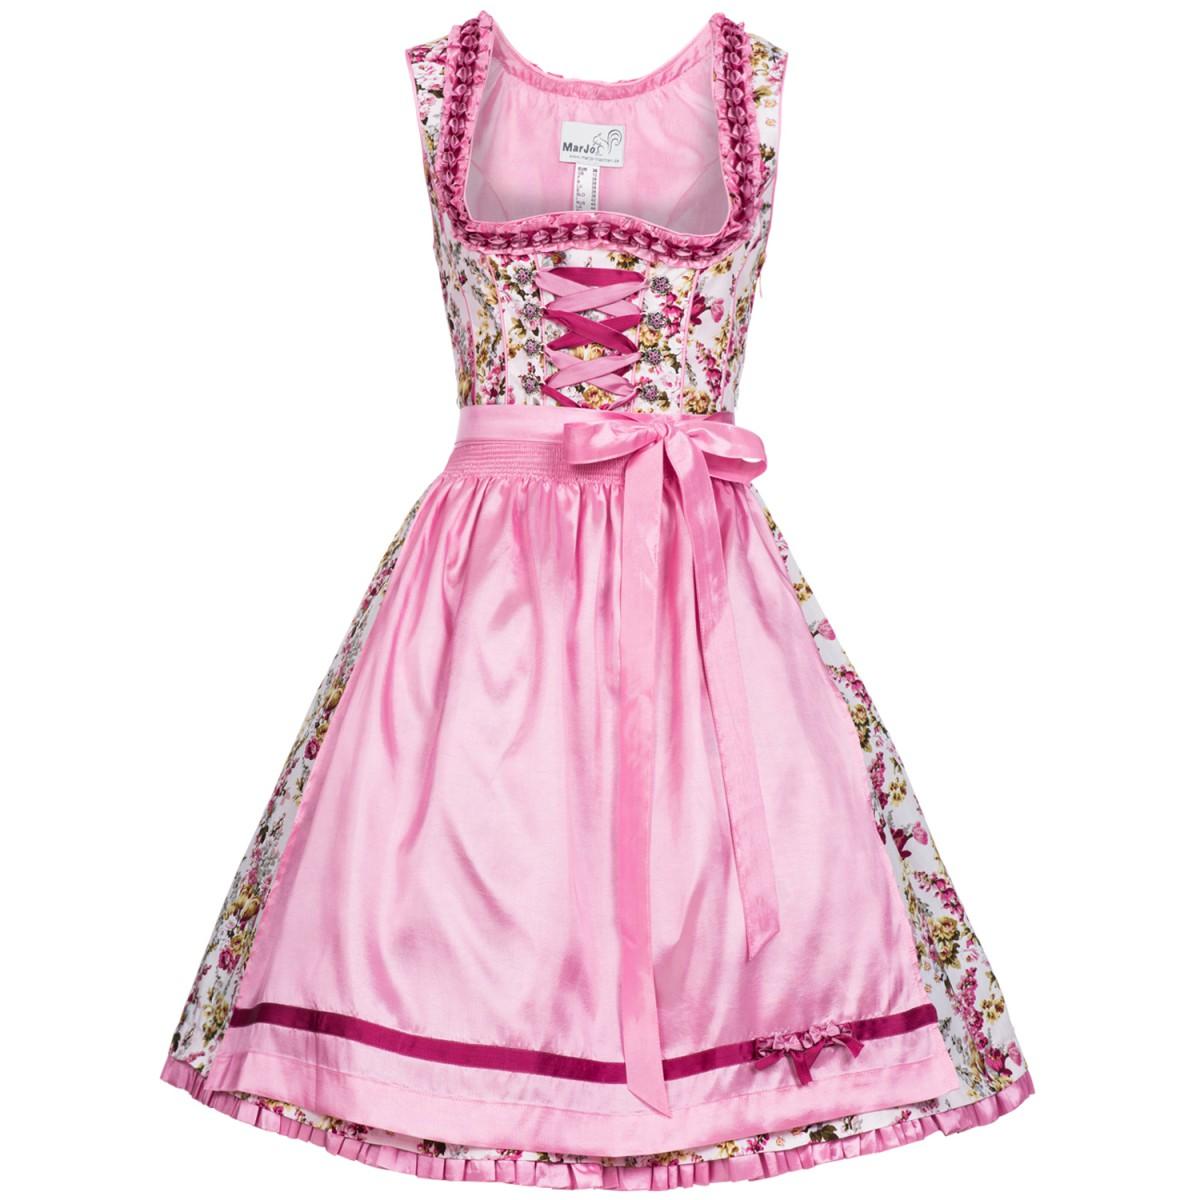 rosa Dirndl Gisele von Marjo Trachten